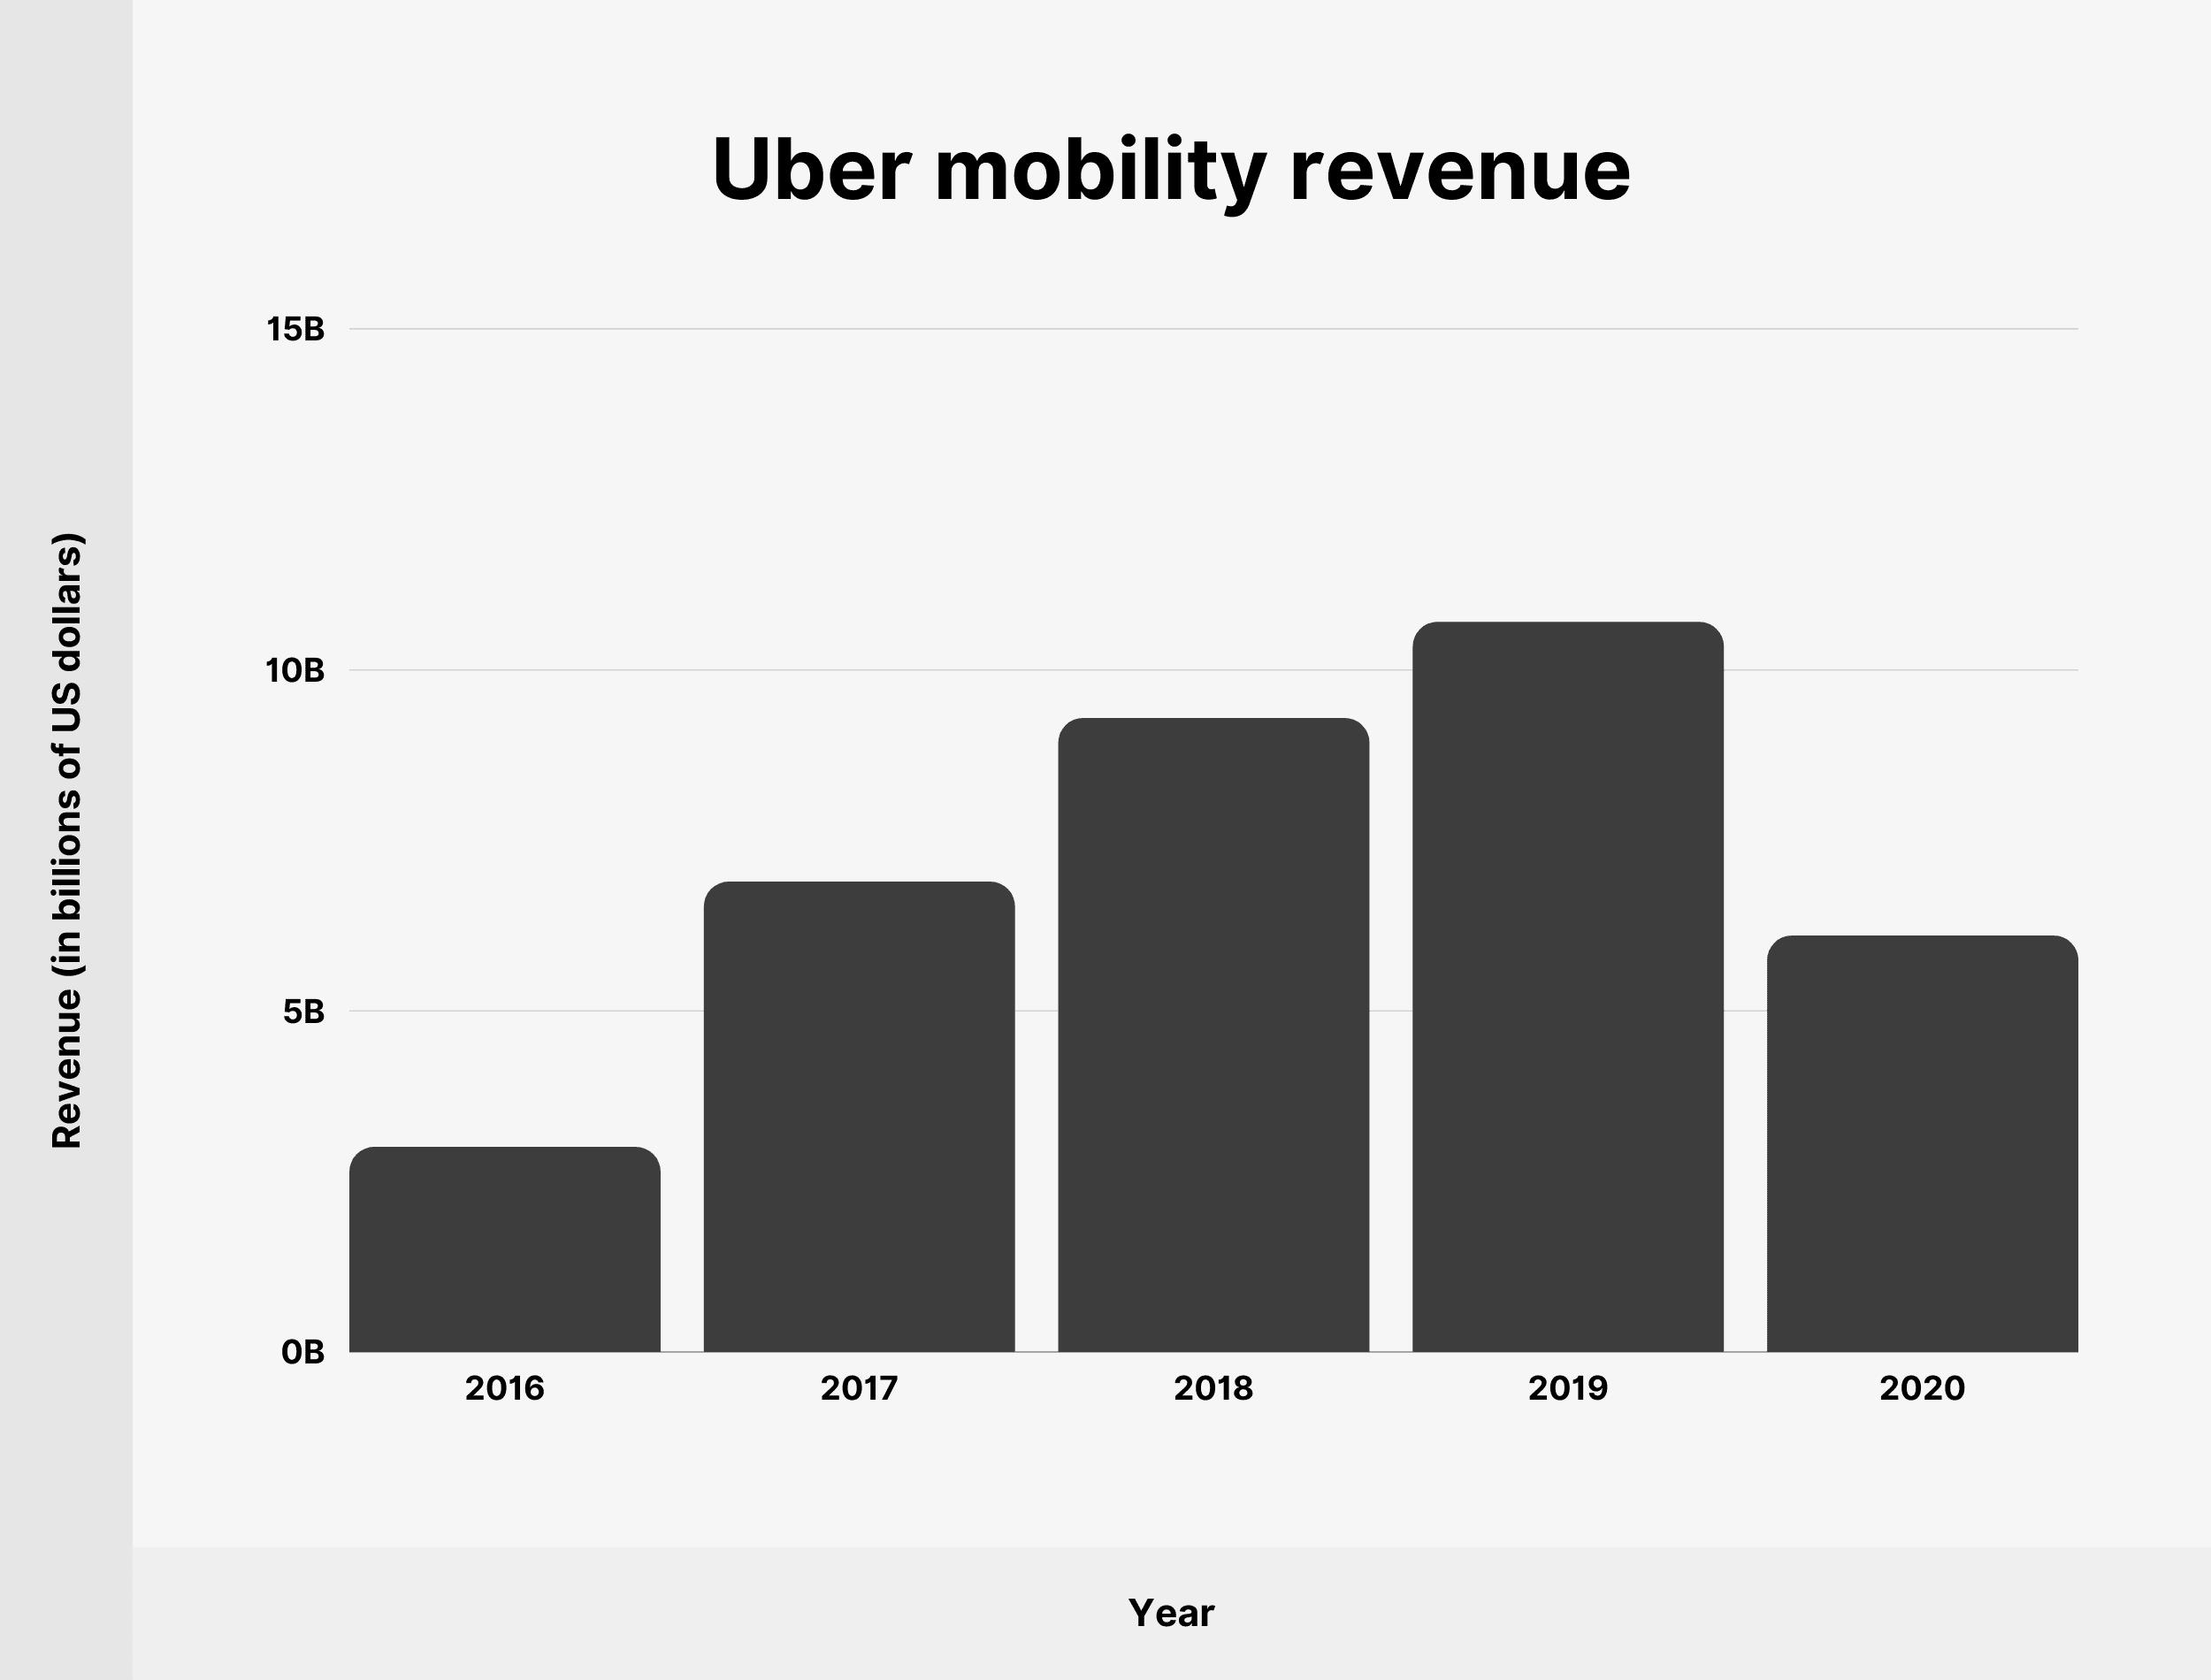 Uber mobility revenue